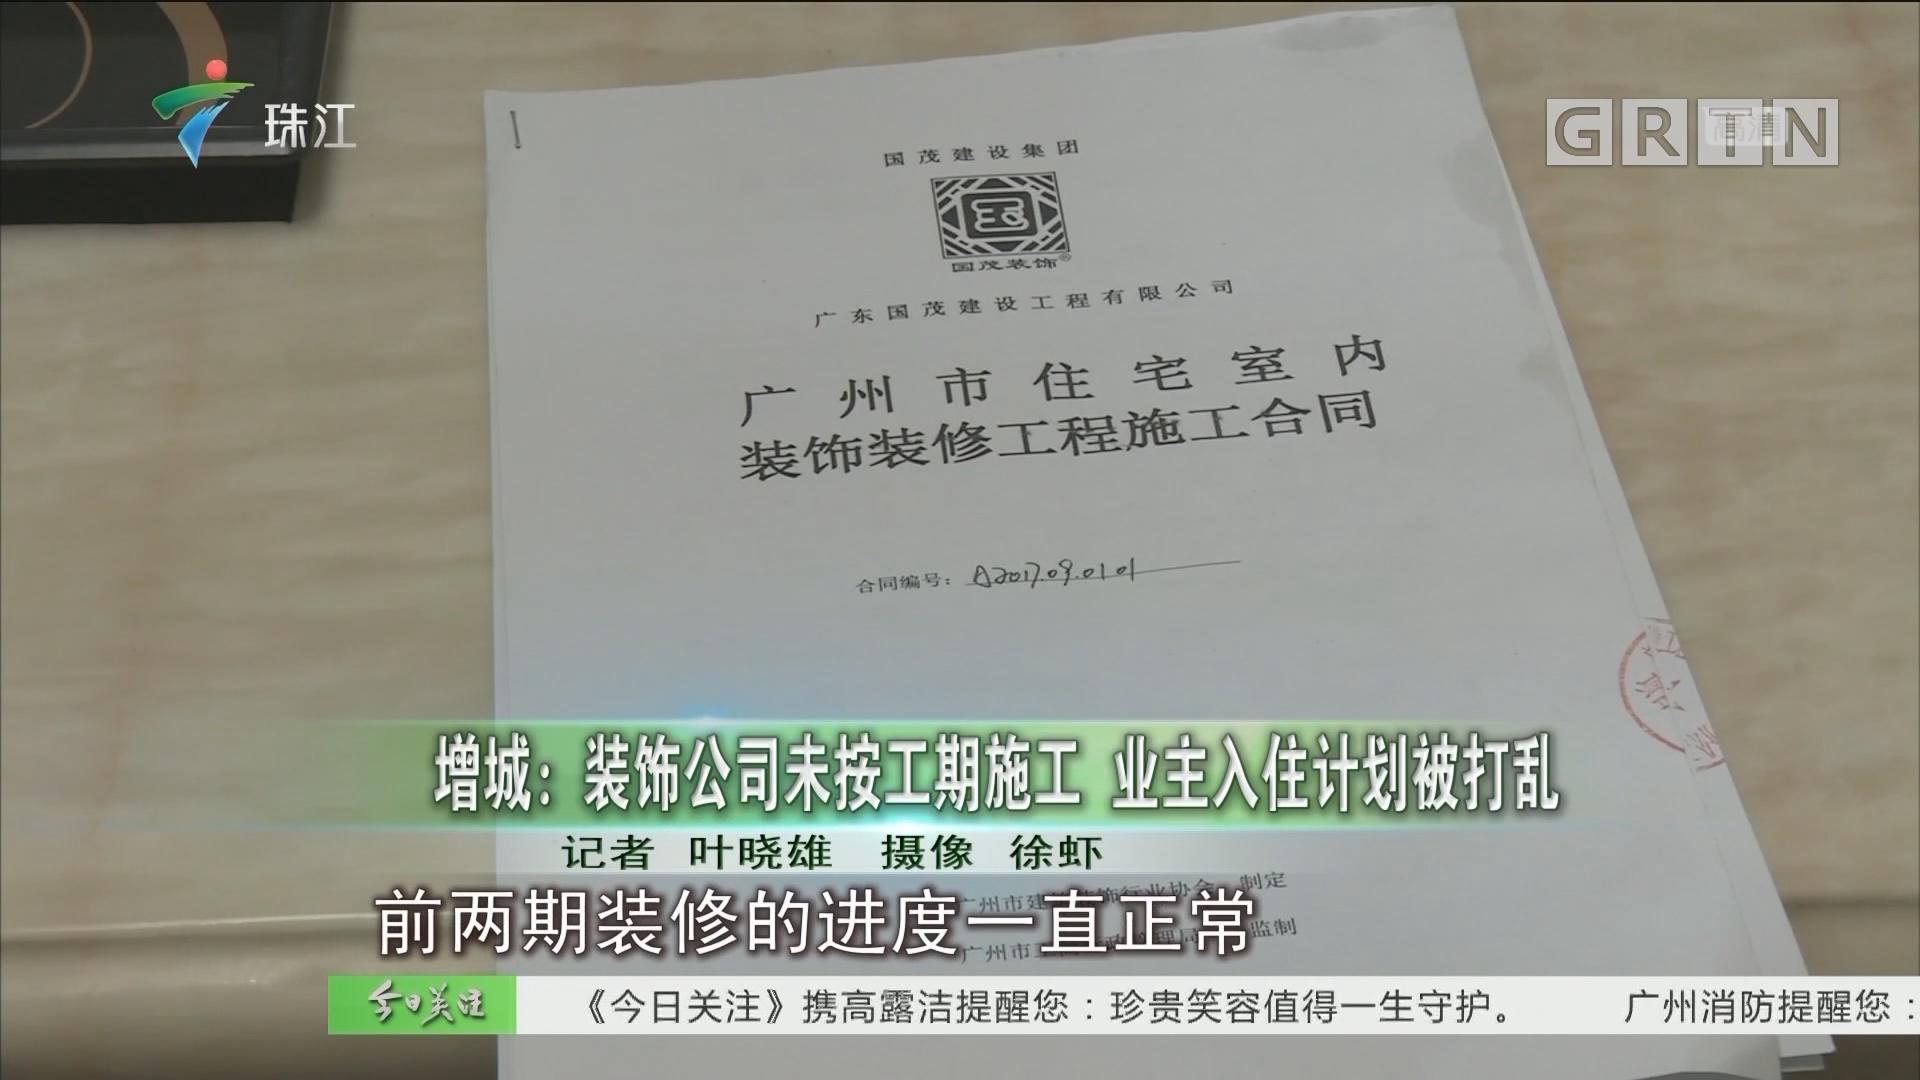 增城:装饰公司未按工期施工 业主入住计划被打乱